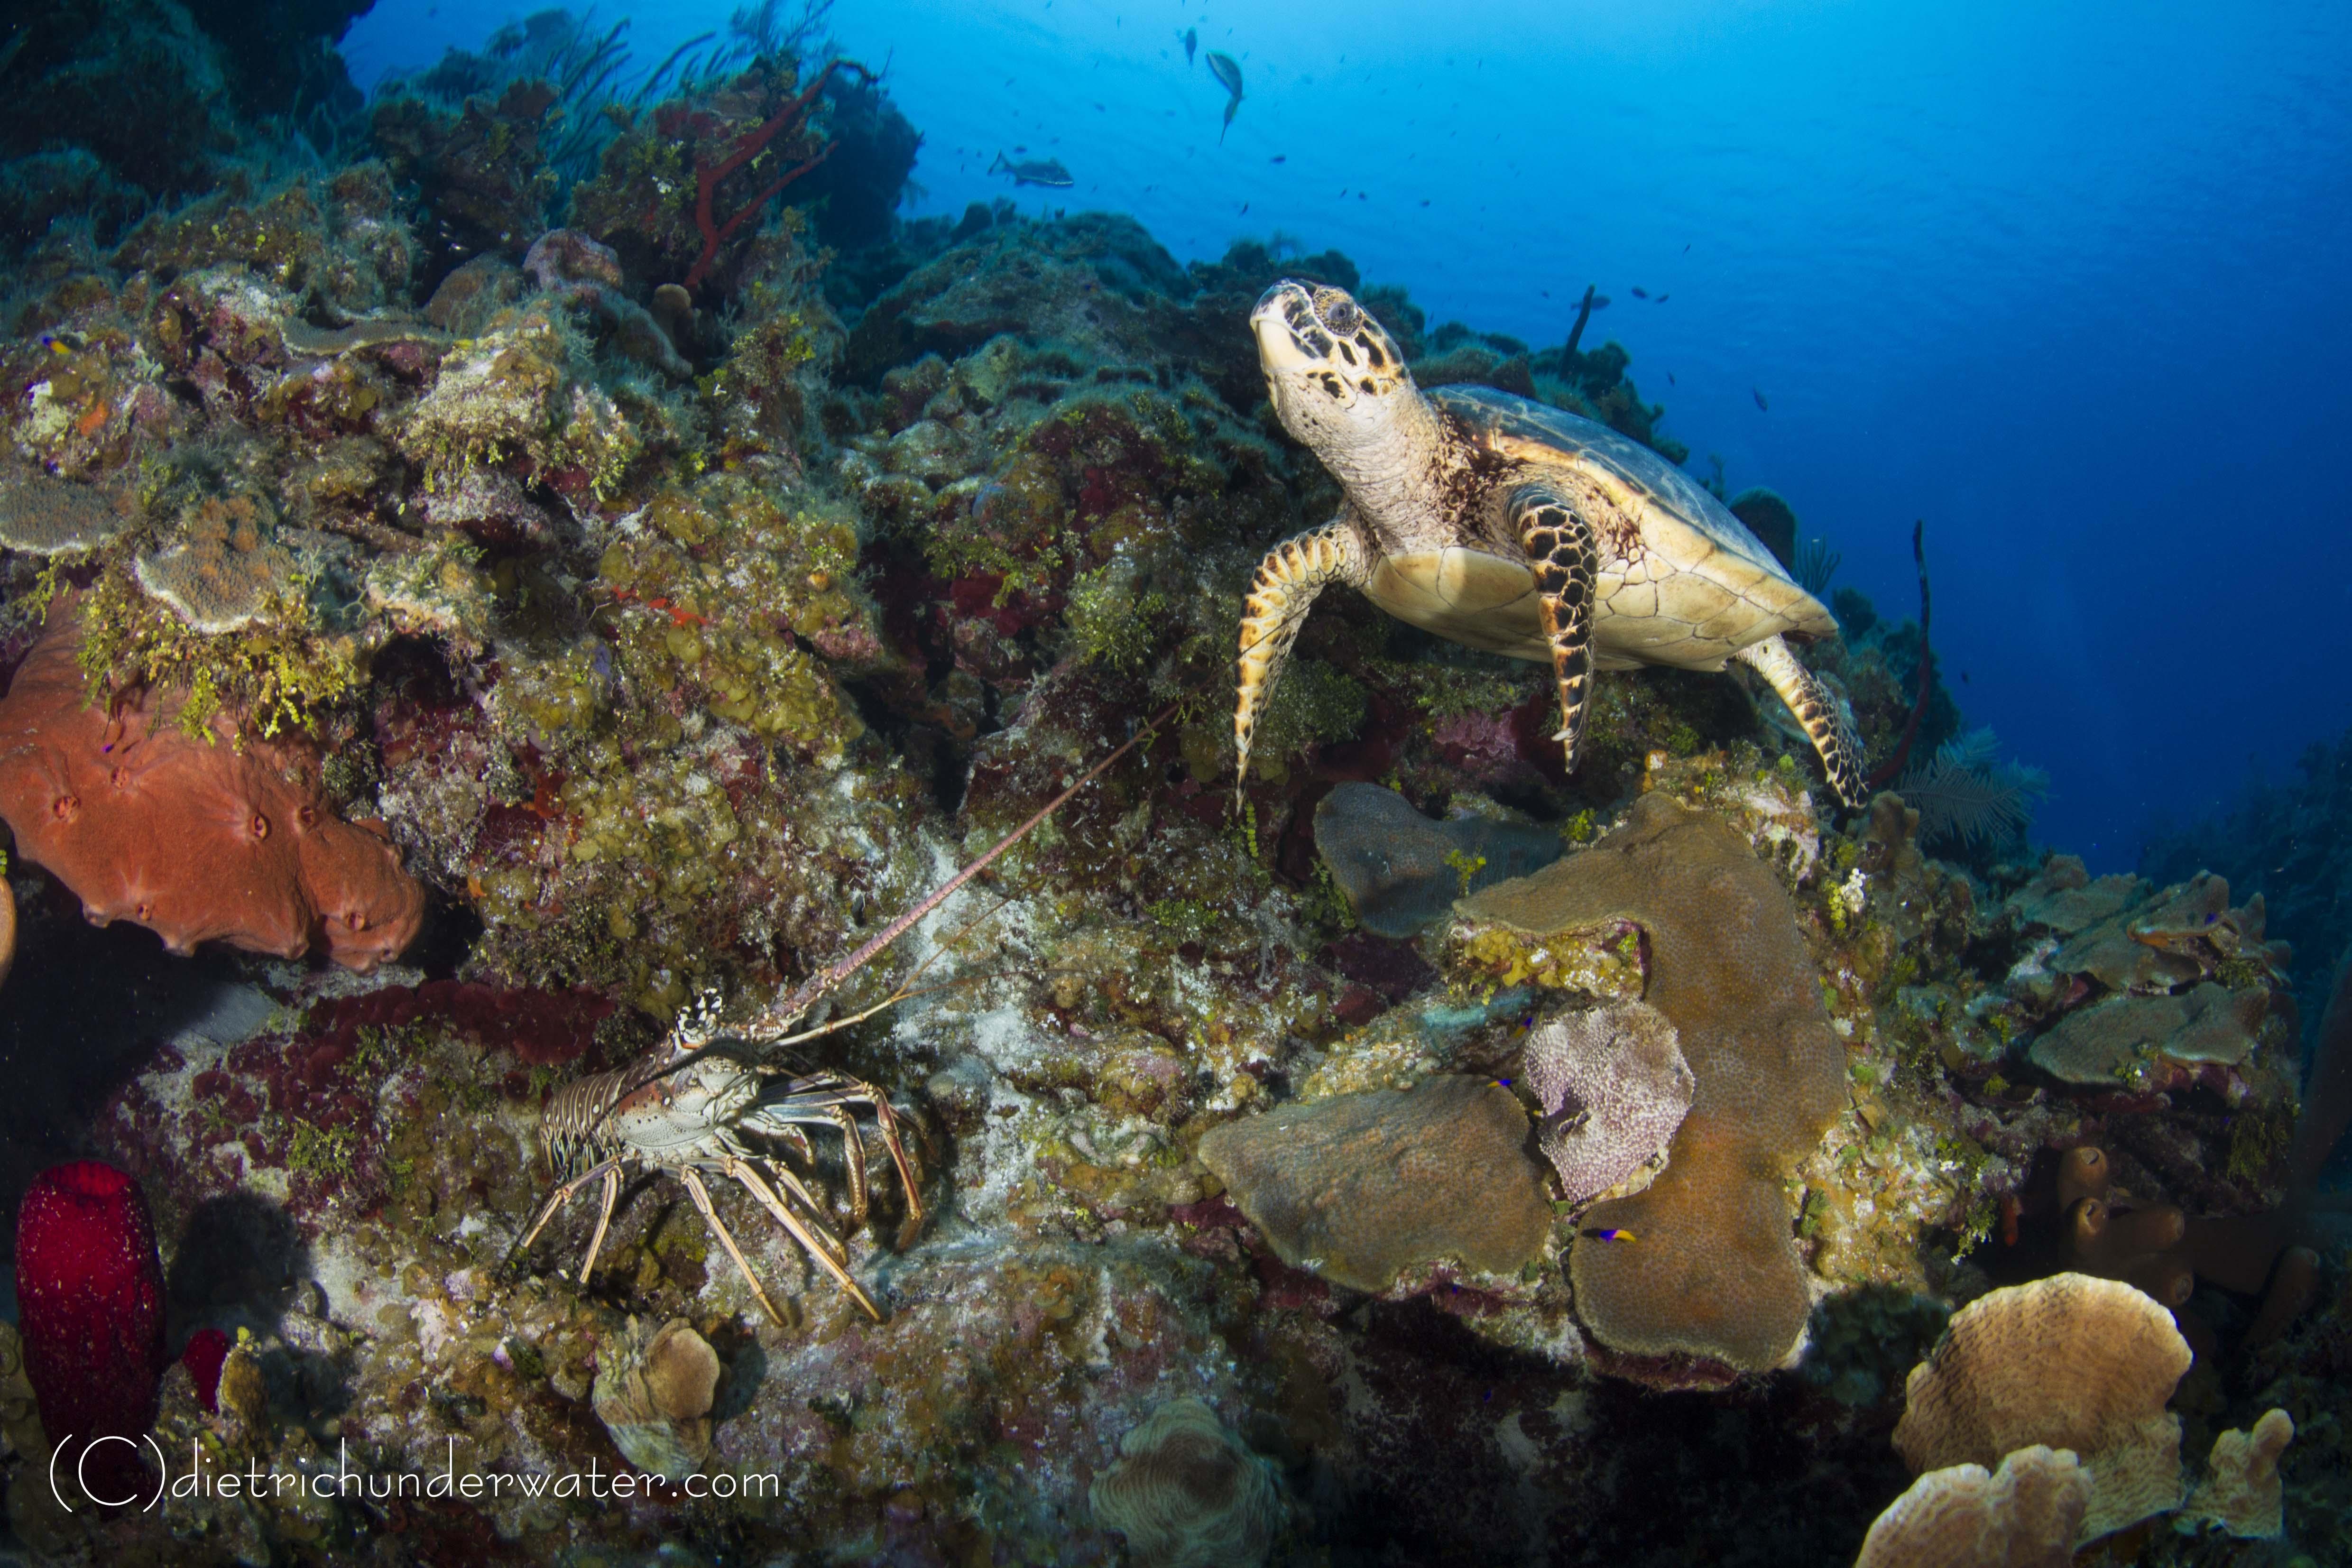 Craig Dietrich Underwater Photgraphy | Underwater Friends-Turtle & Lobster